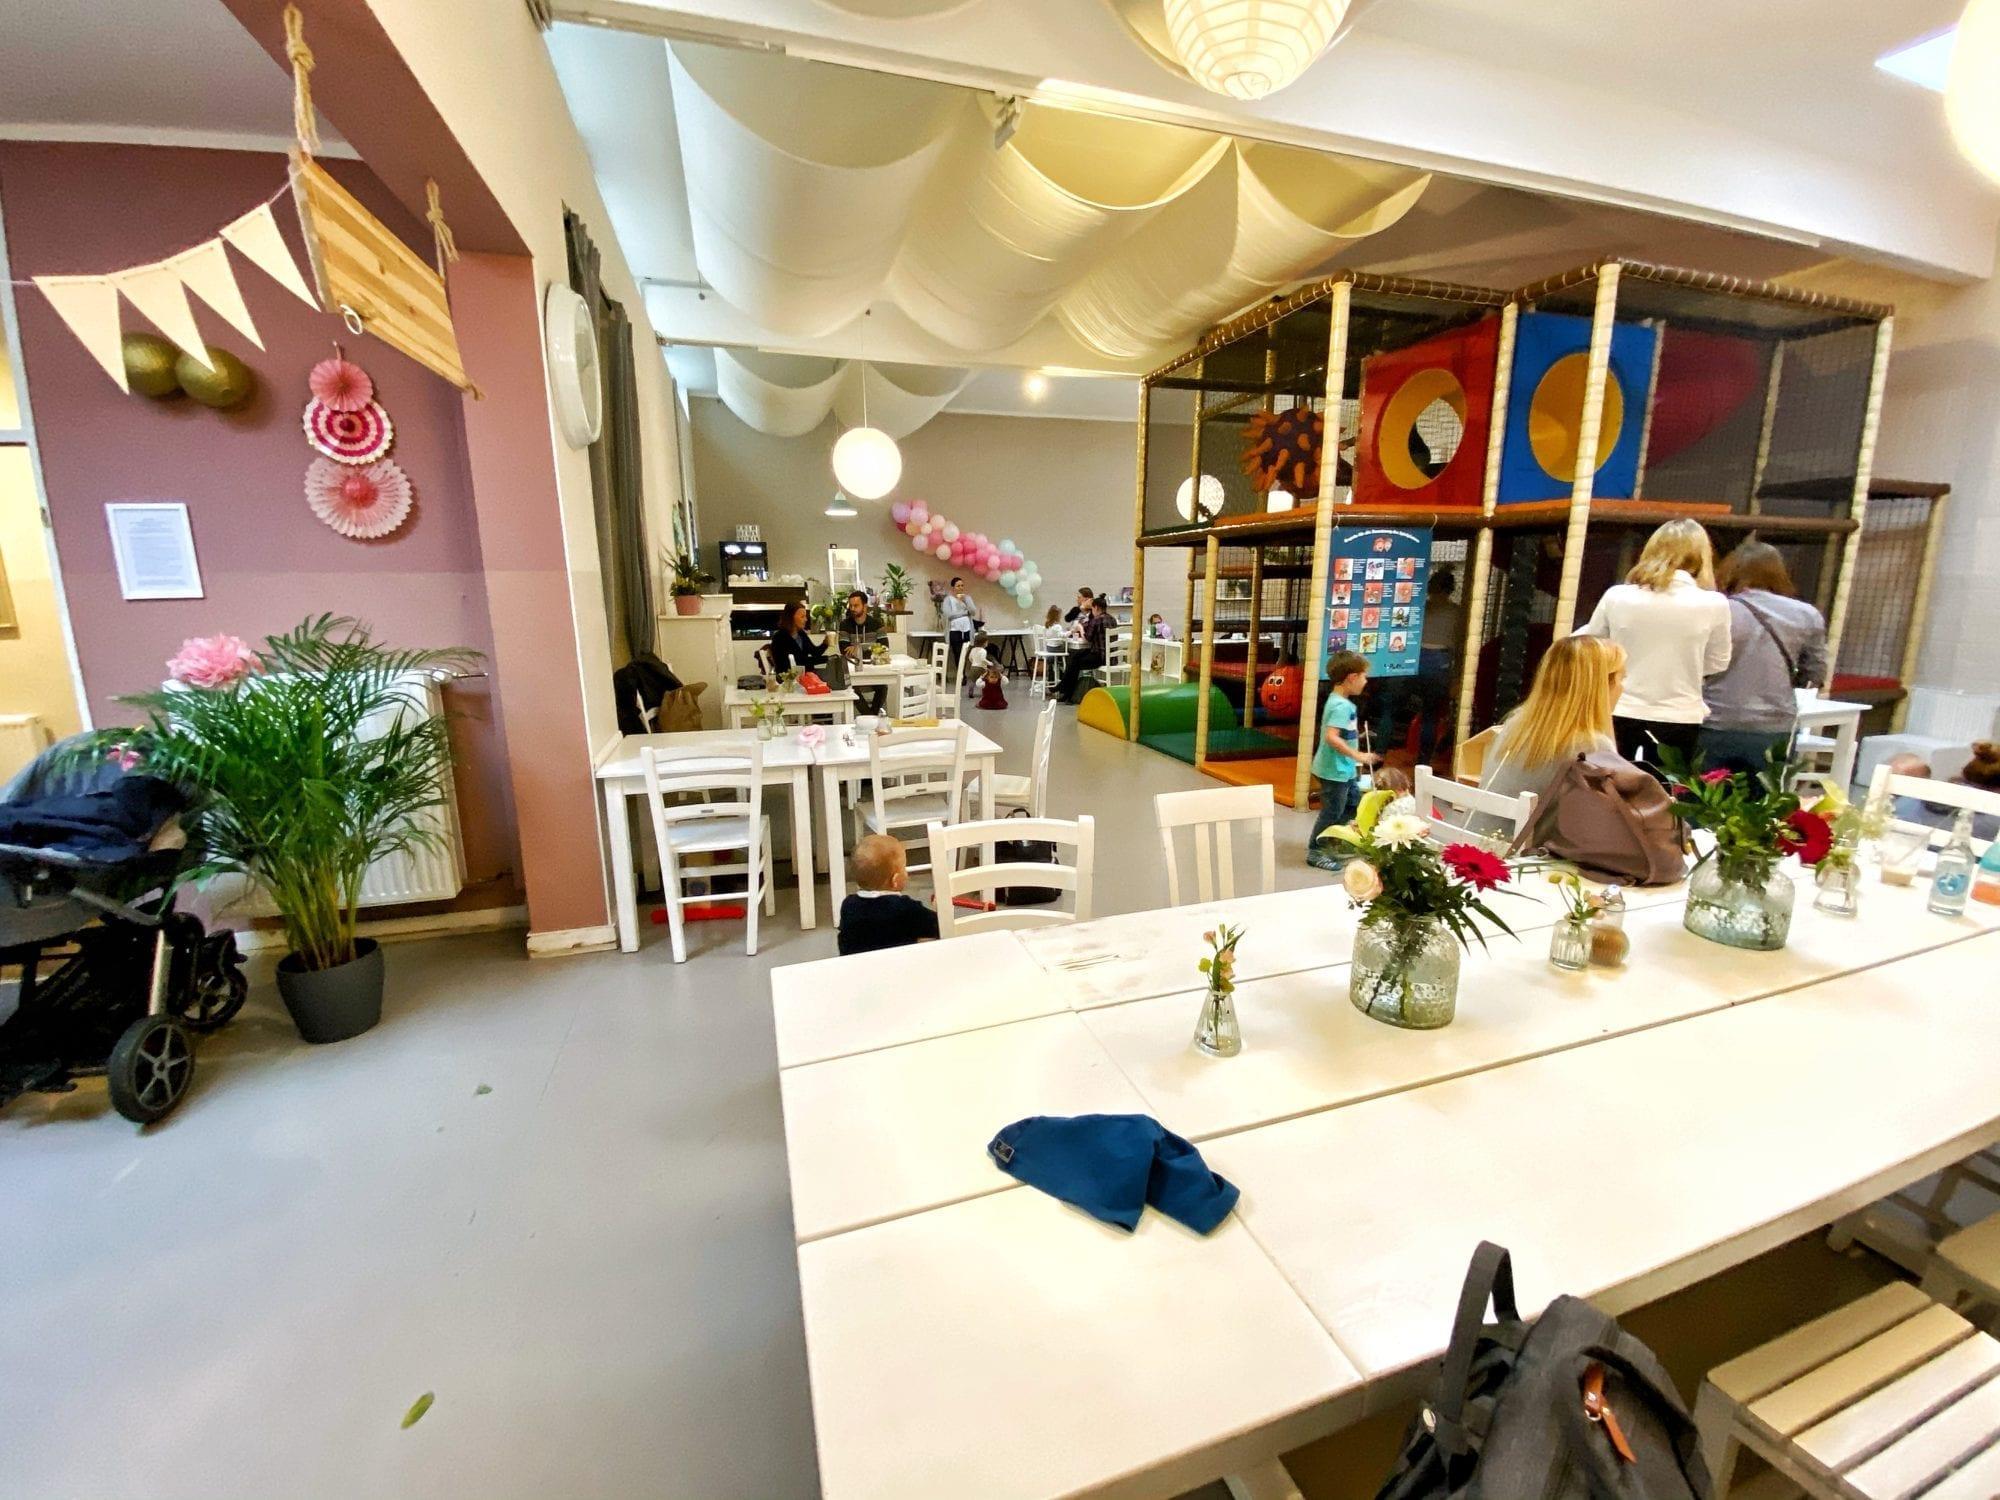 The 12 Best Child-friendly Cafés in Düsseldorf